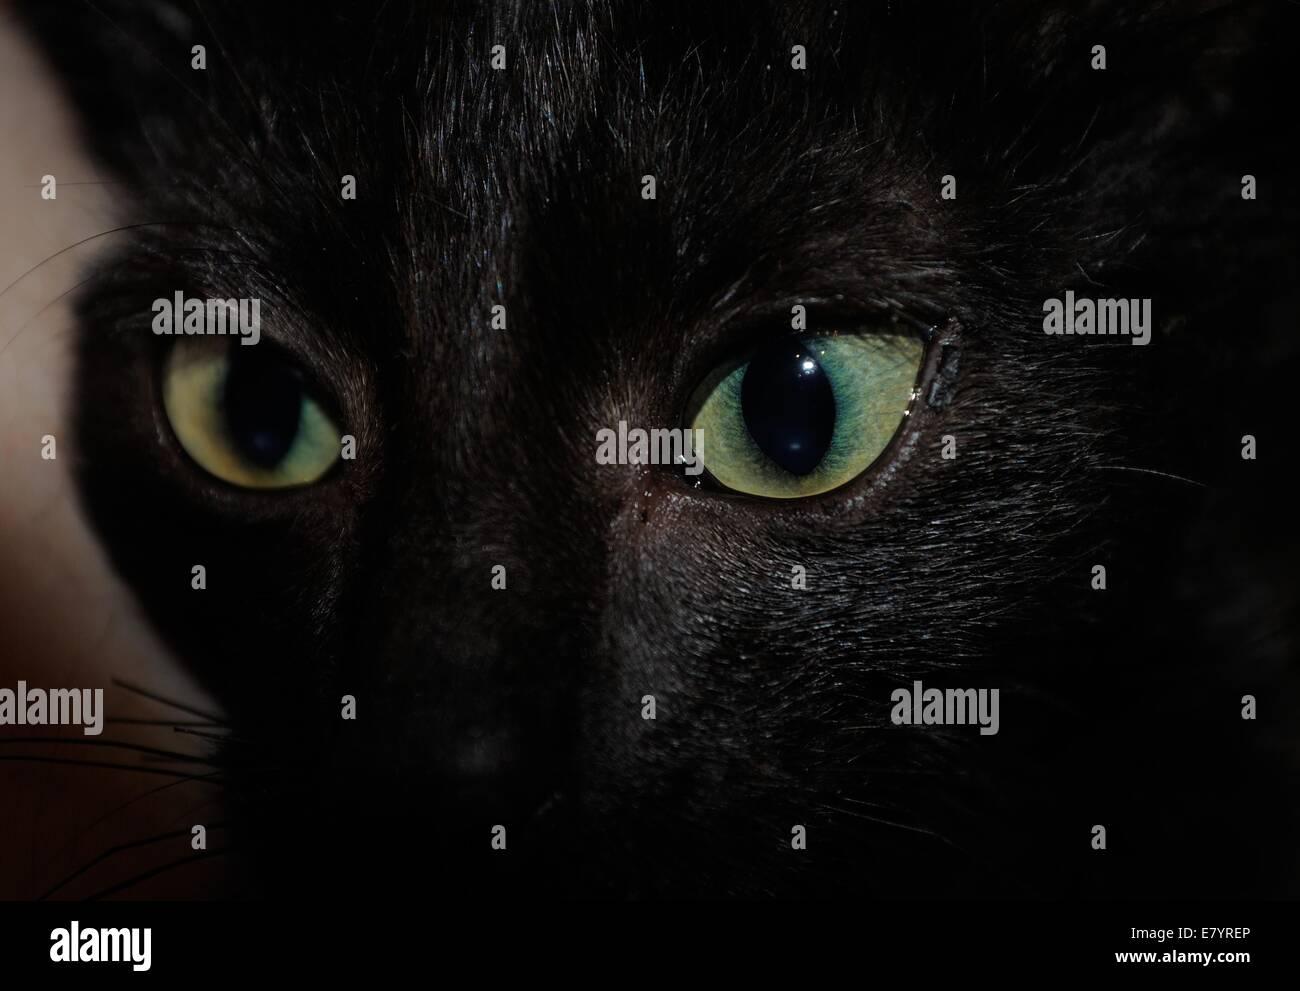 Feline gaze - Stock Image